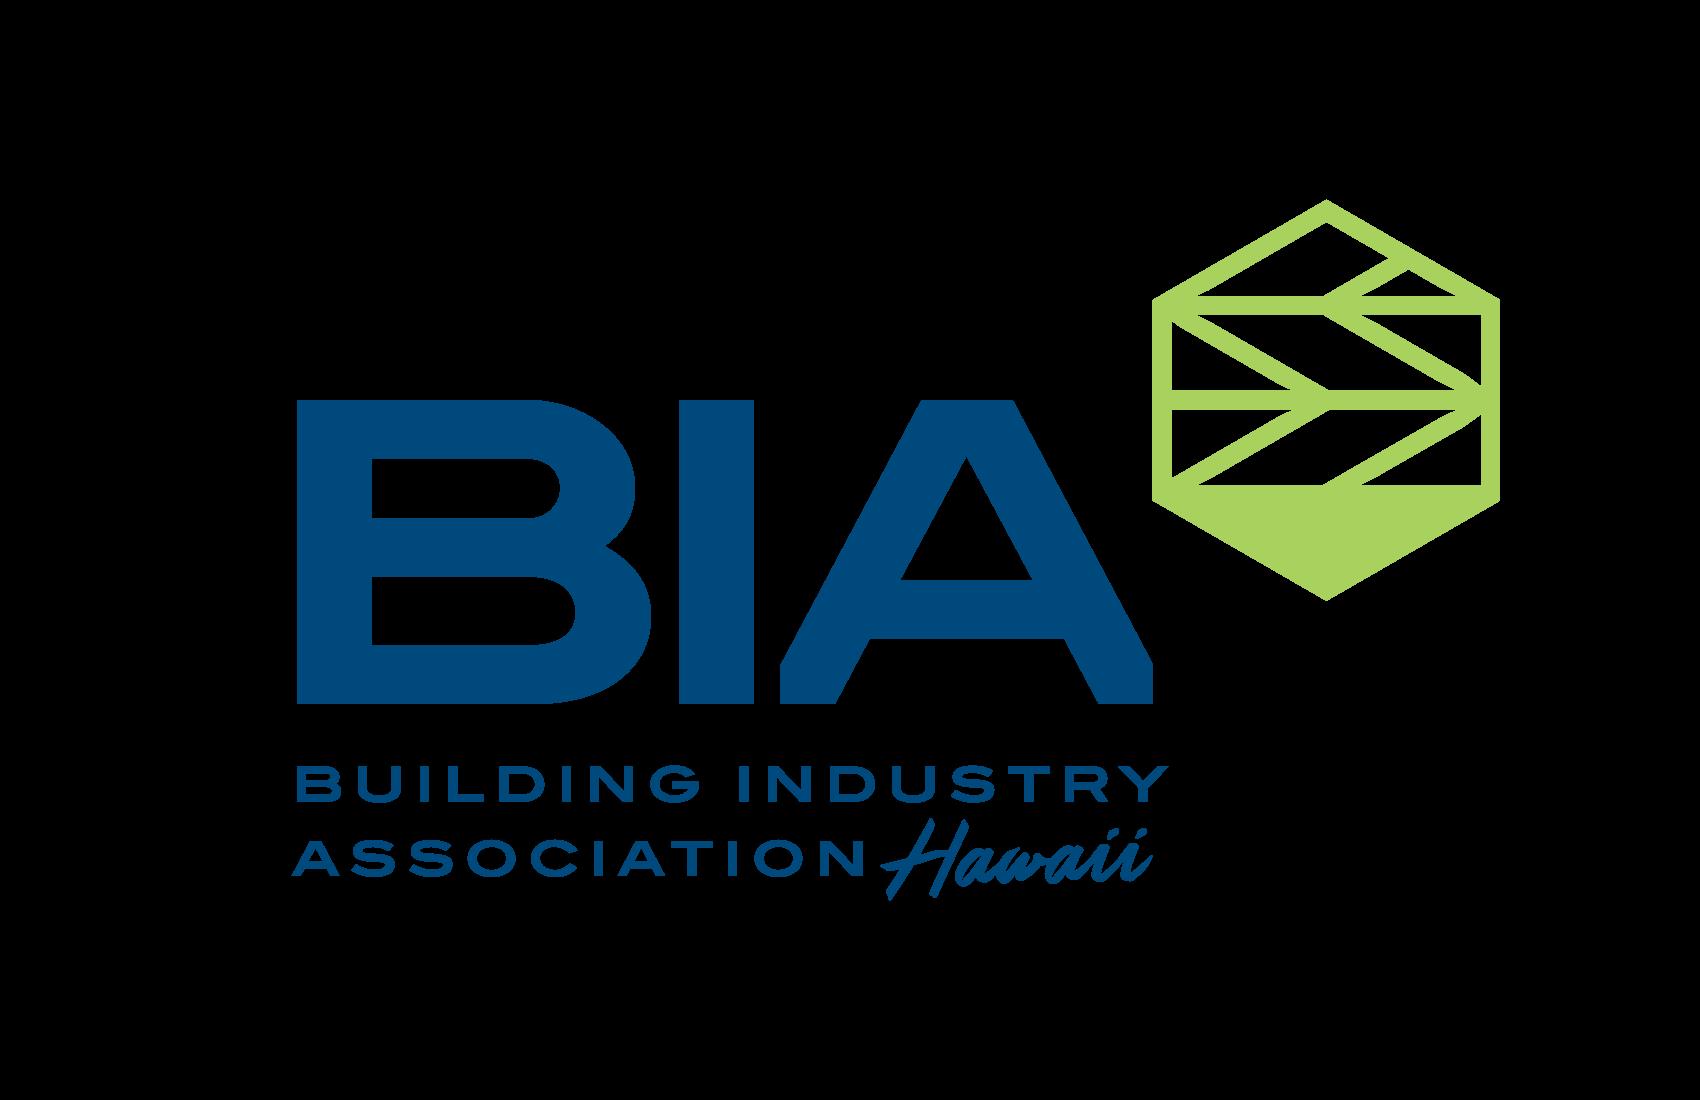 BIA_logo.jpg